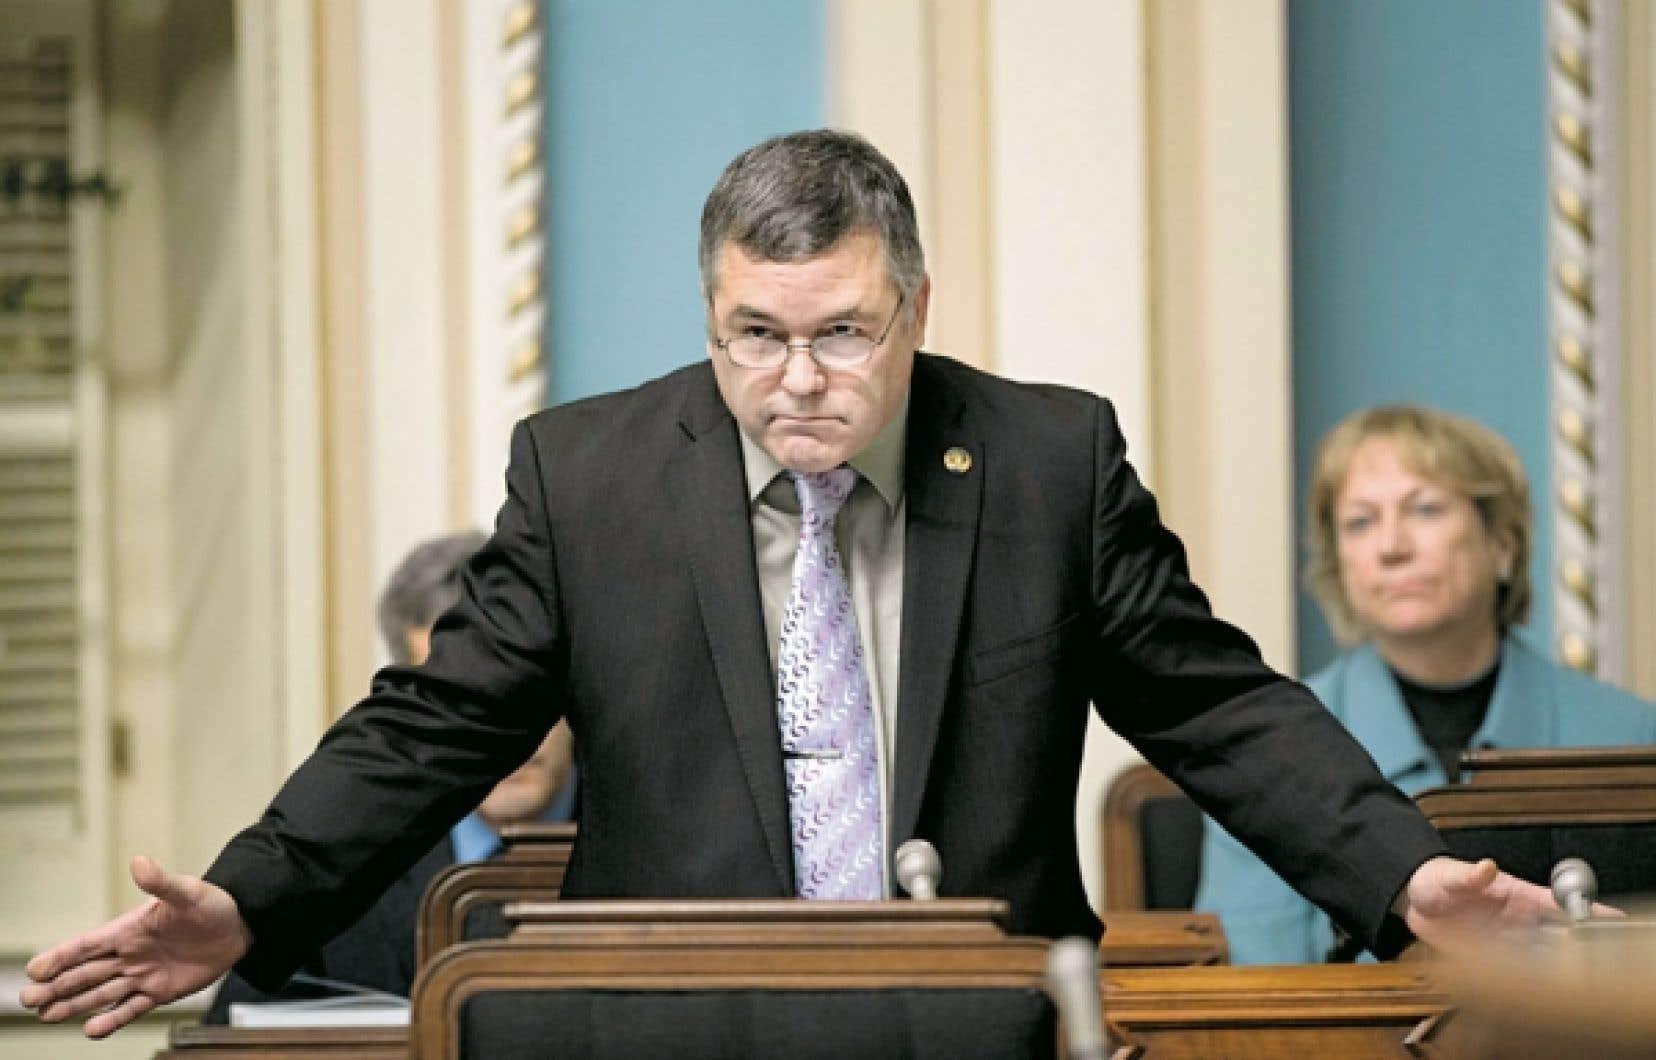 En Chambre, le ministre Daniel Breton s'est borné à répéter qu'il avait à cœur la protection de l'environnement et le développement durable.